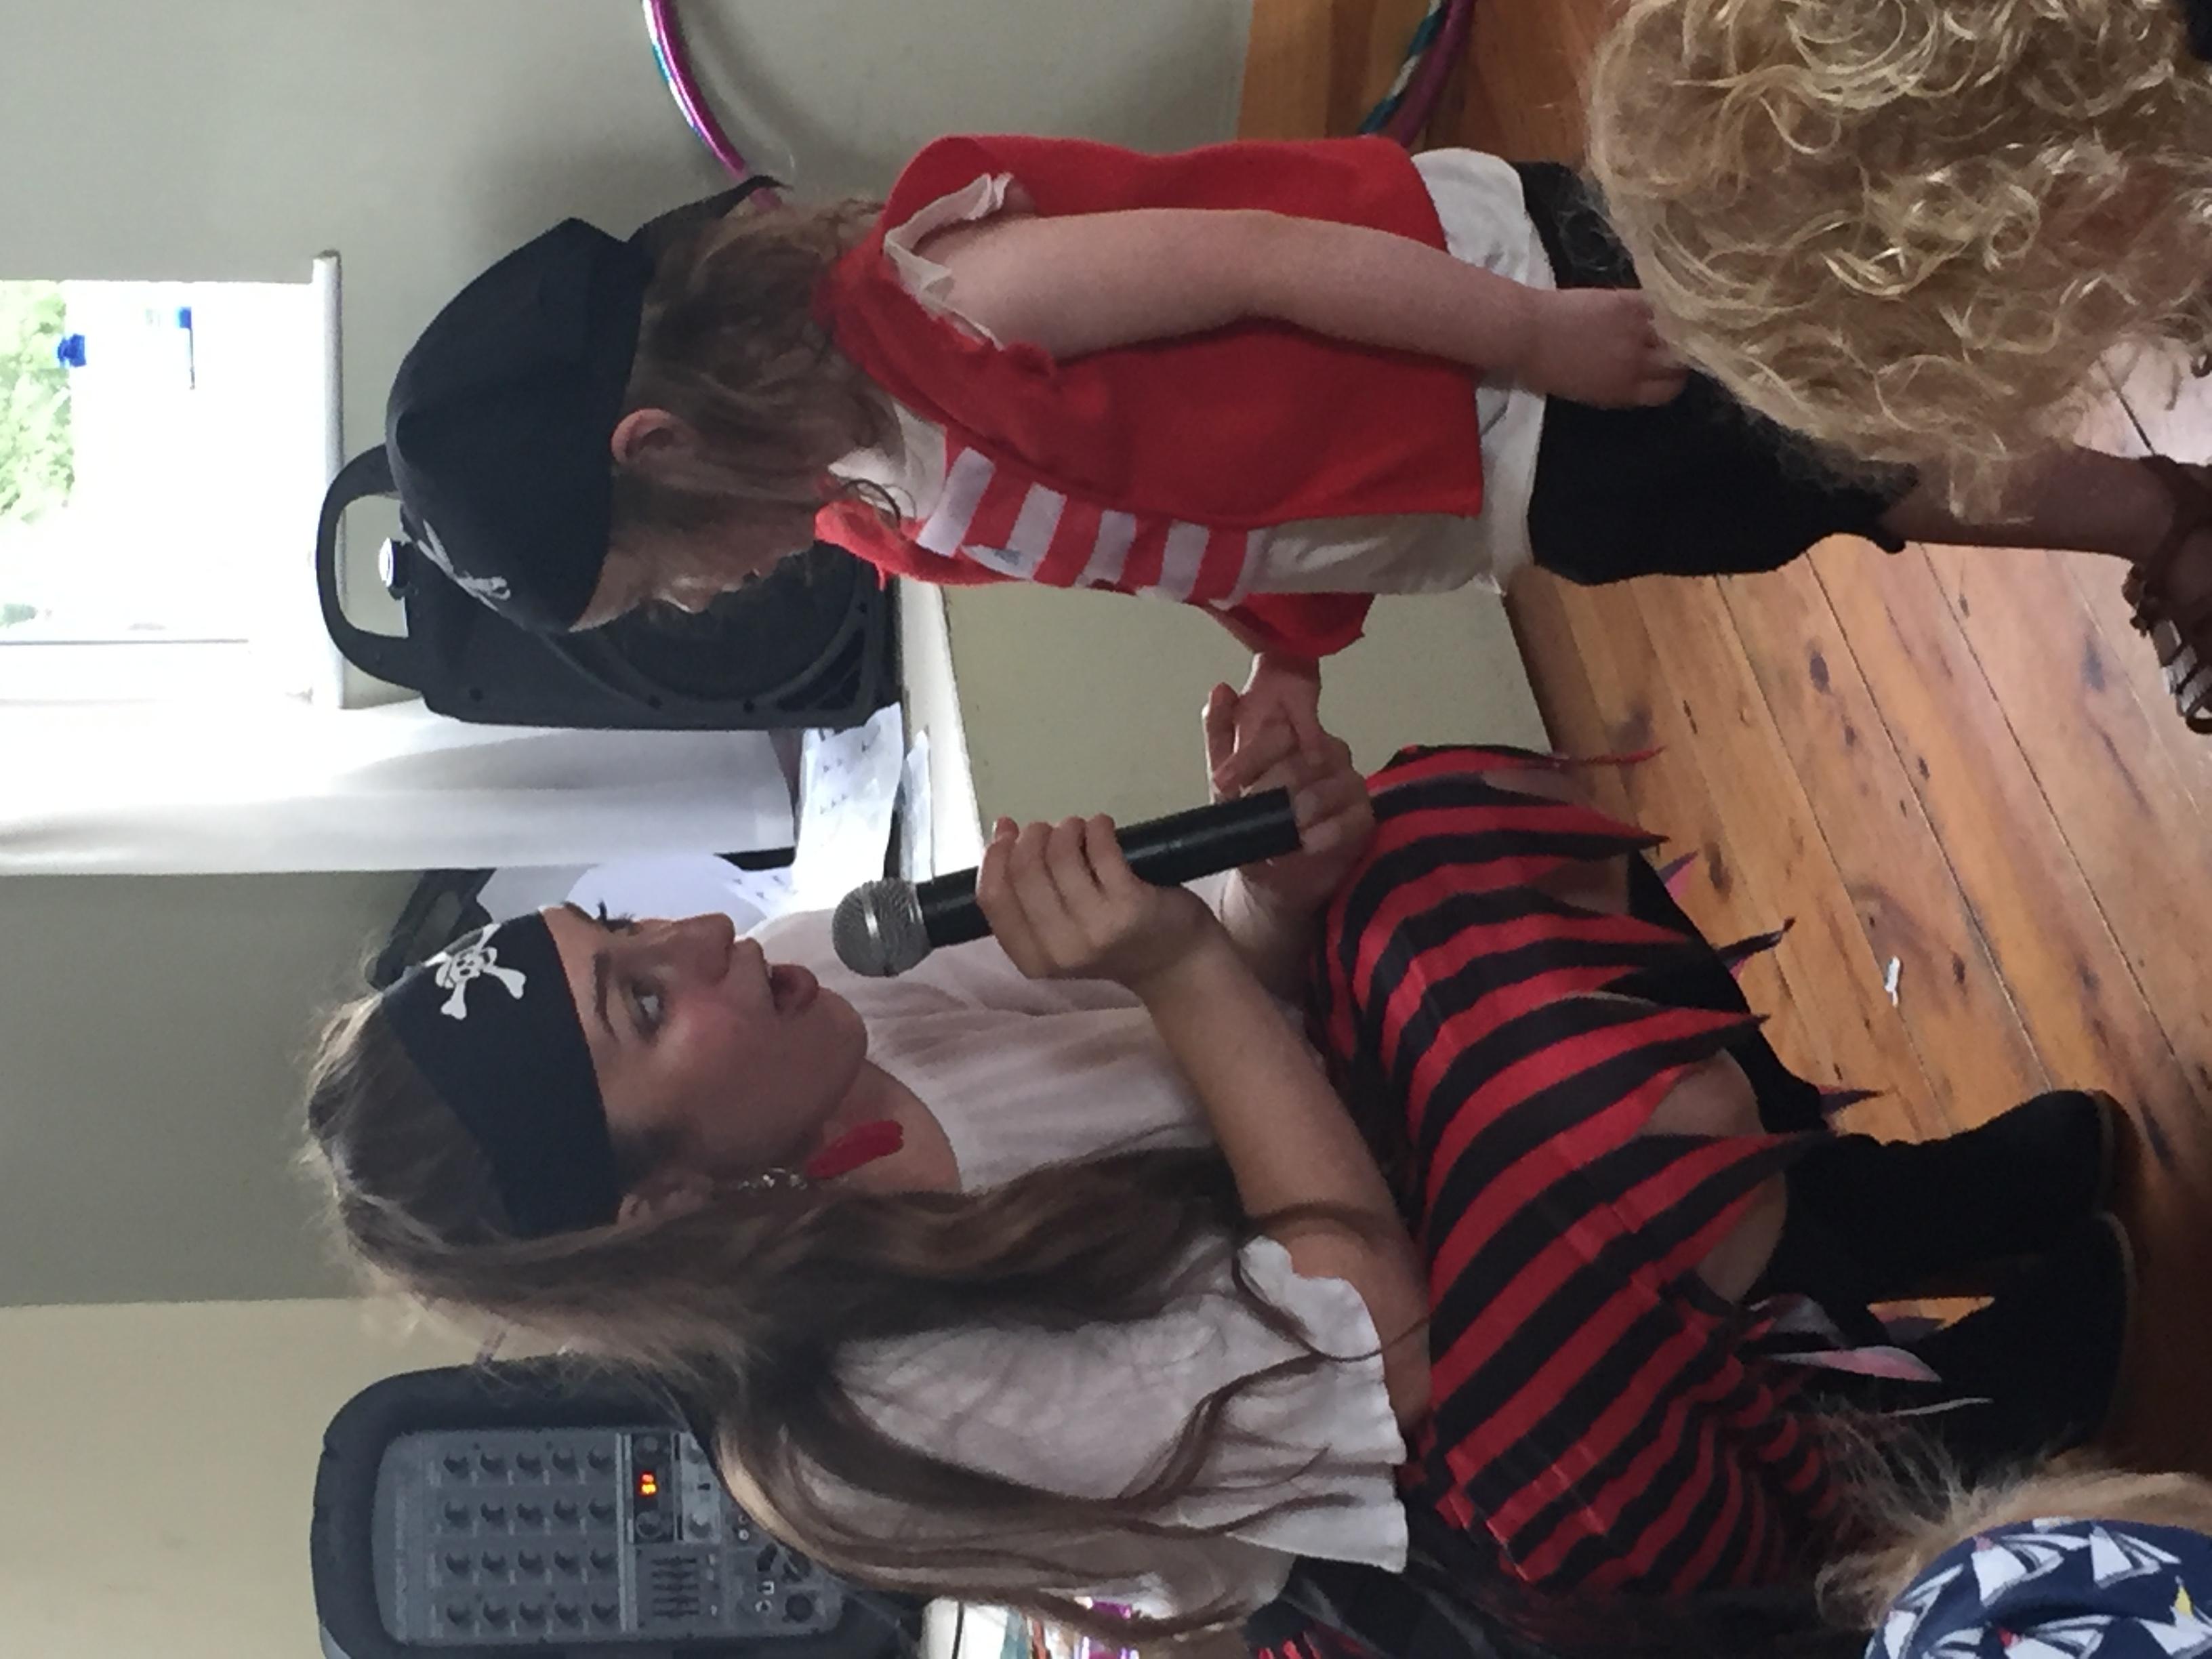 Piratechild